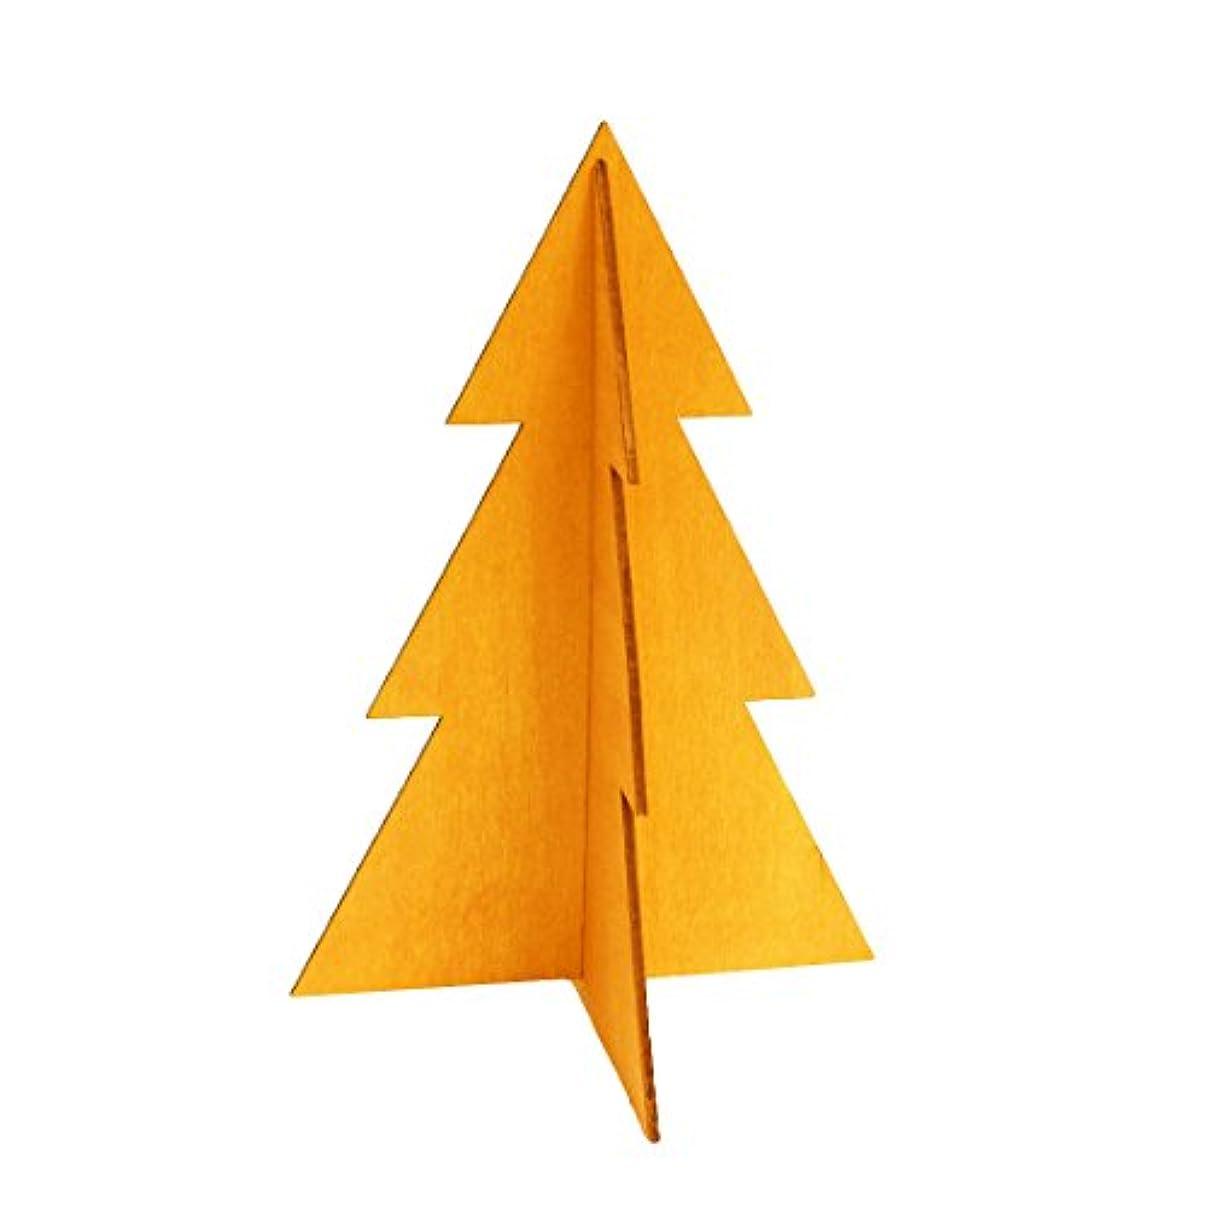 引っ張るダイジェストジャンクションフェスティブツリーM 「 オレンジ 」